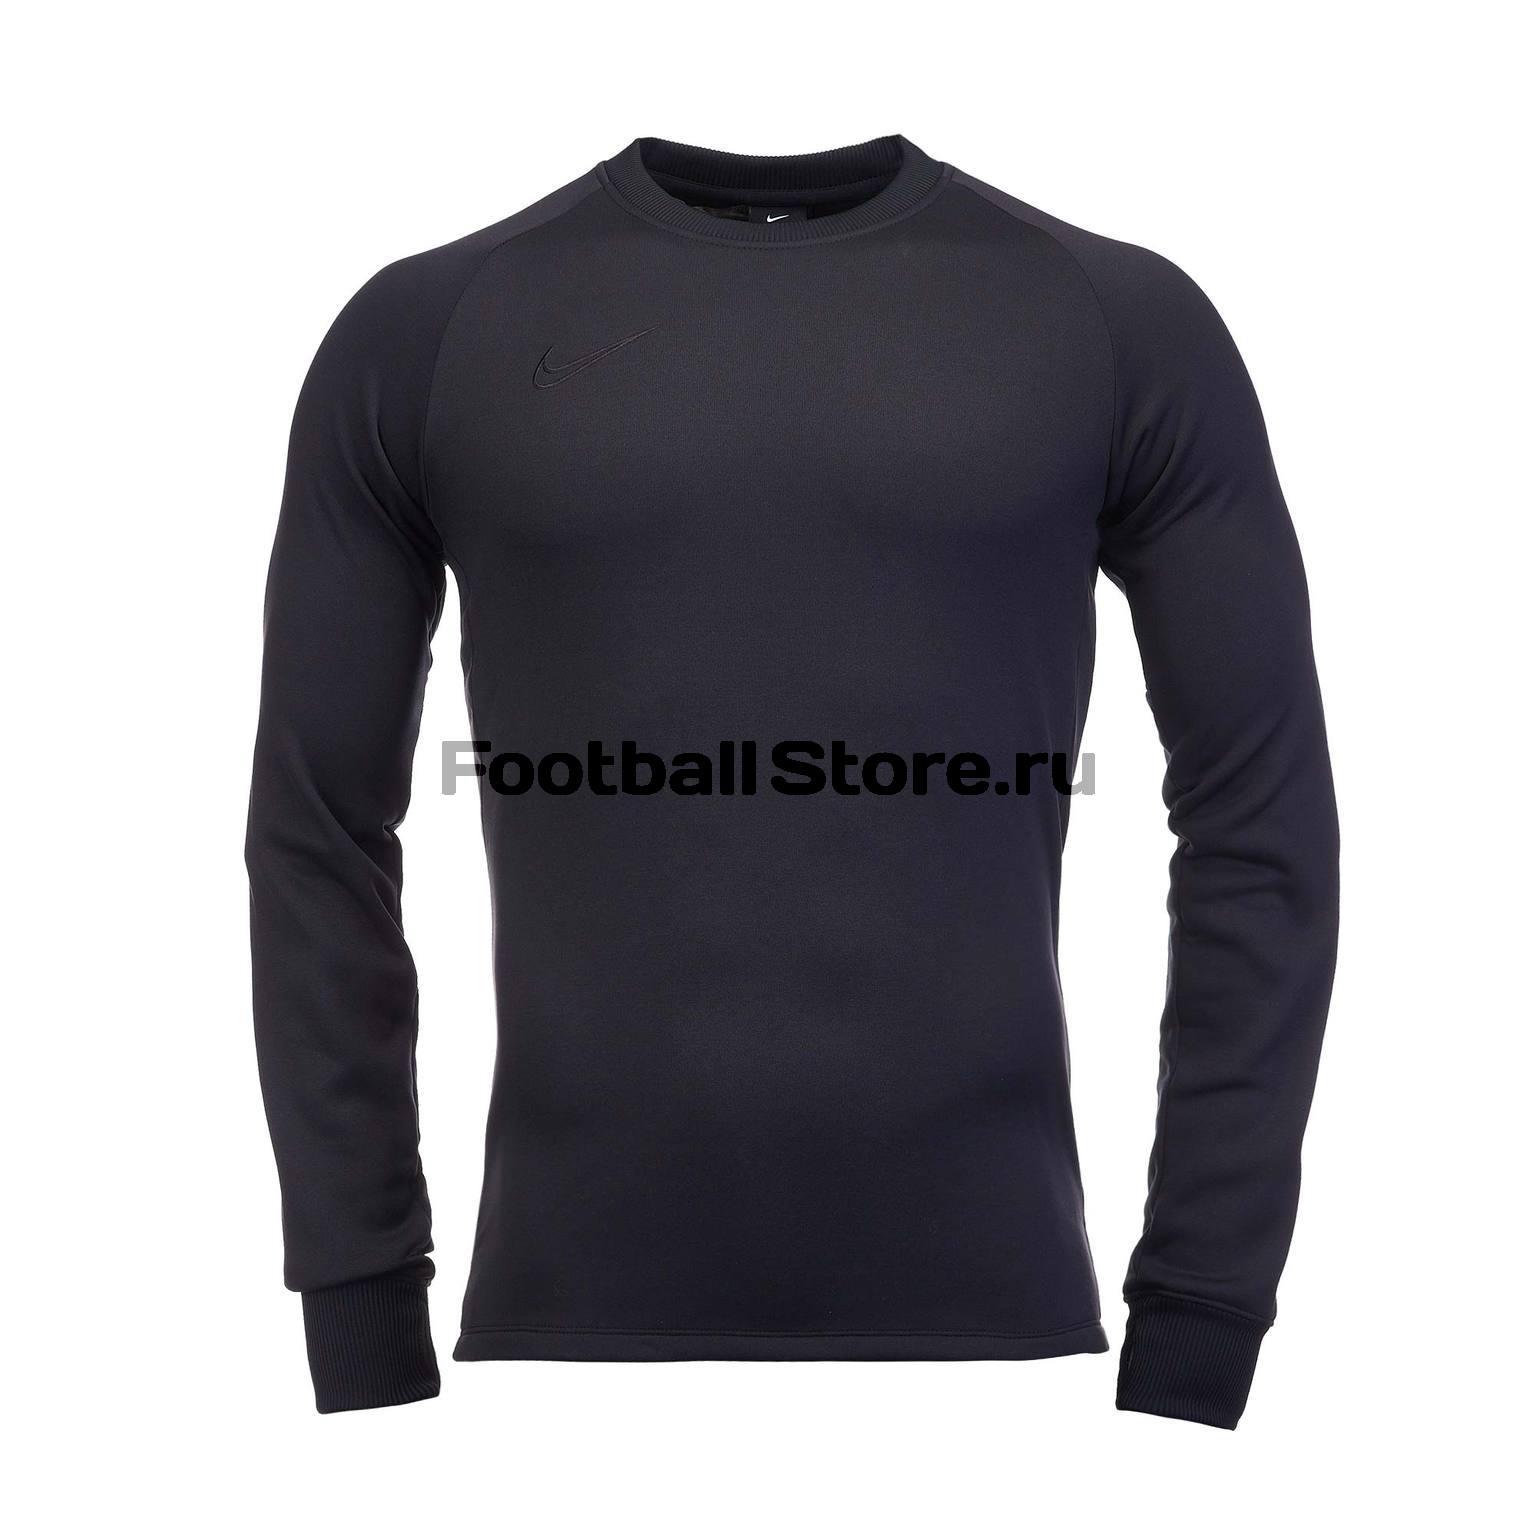 Свитер Nike Therma Academy Crew Top AO9189-010 термобелье лонгслив мужской columbia titanium oh3d knit crew top цвет черный 1803181 010 размер l 48 50